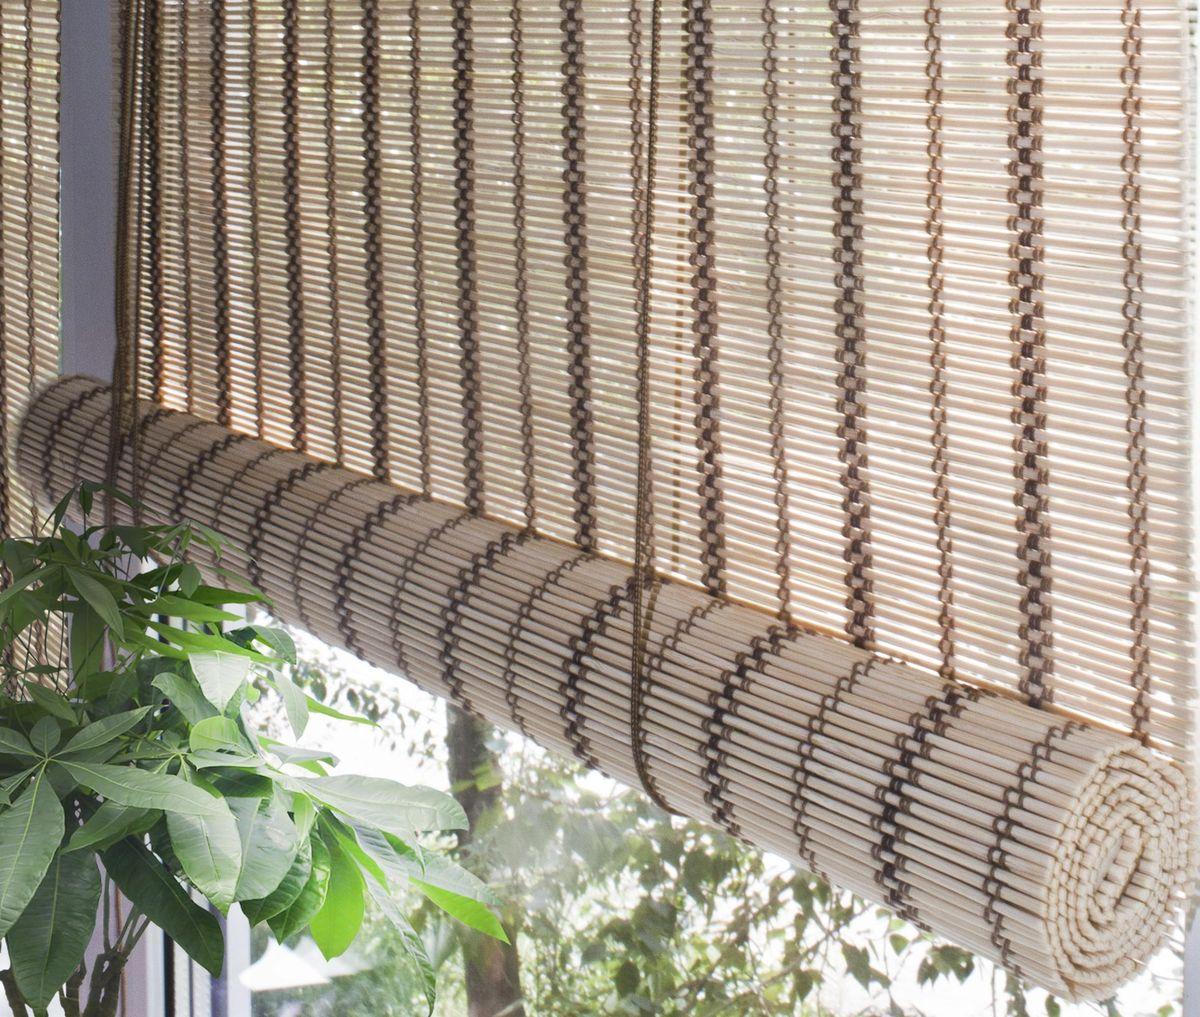 Штора рулонная Эскар Бамбук, цвет: песочный, ширина 120 см, высота 160 см70141120160При оформлении интерьера современных помещений многие отдают предпочтение природным материалам. Штора рулонная Эскар Бамбук - одно из натуральных изделий, способное сделать атмосферу помещения более уютной и в то же время необычной. Свойства бамбука уникальны: он экологически чист, так как быстро вырастает, благодаря чему не успевает накопить вредные вещества из окружающей среды. Кроме того, растение обладает противомикробным и антибактериальным действием. Занавеси из бамбука безопасно использовать в помещениях, где находятся новорожденные дети и люди, склонные к аллергии. Они незаменимы для тех, кто заботится о своем здоровье и уделяет внимание высокому уровню жизни.